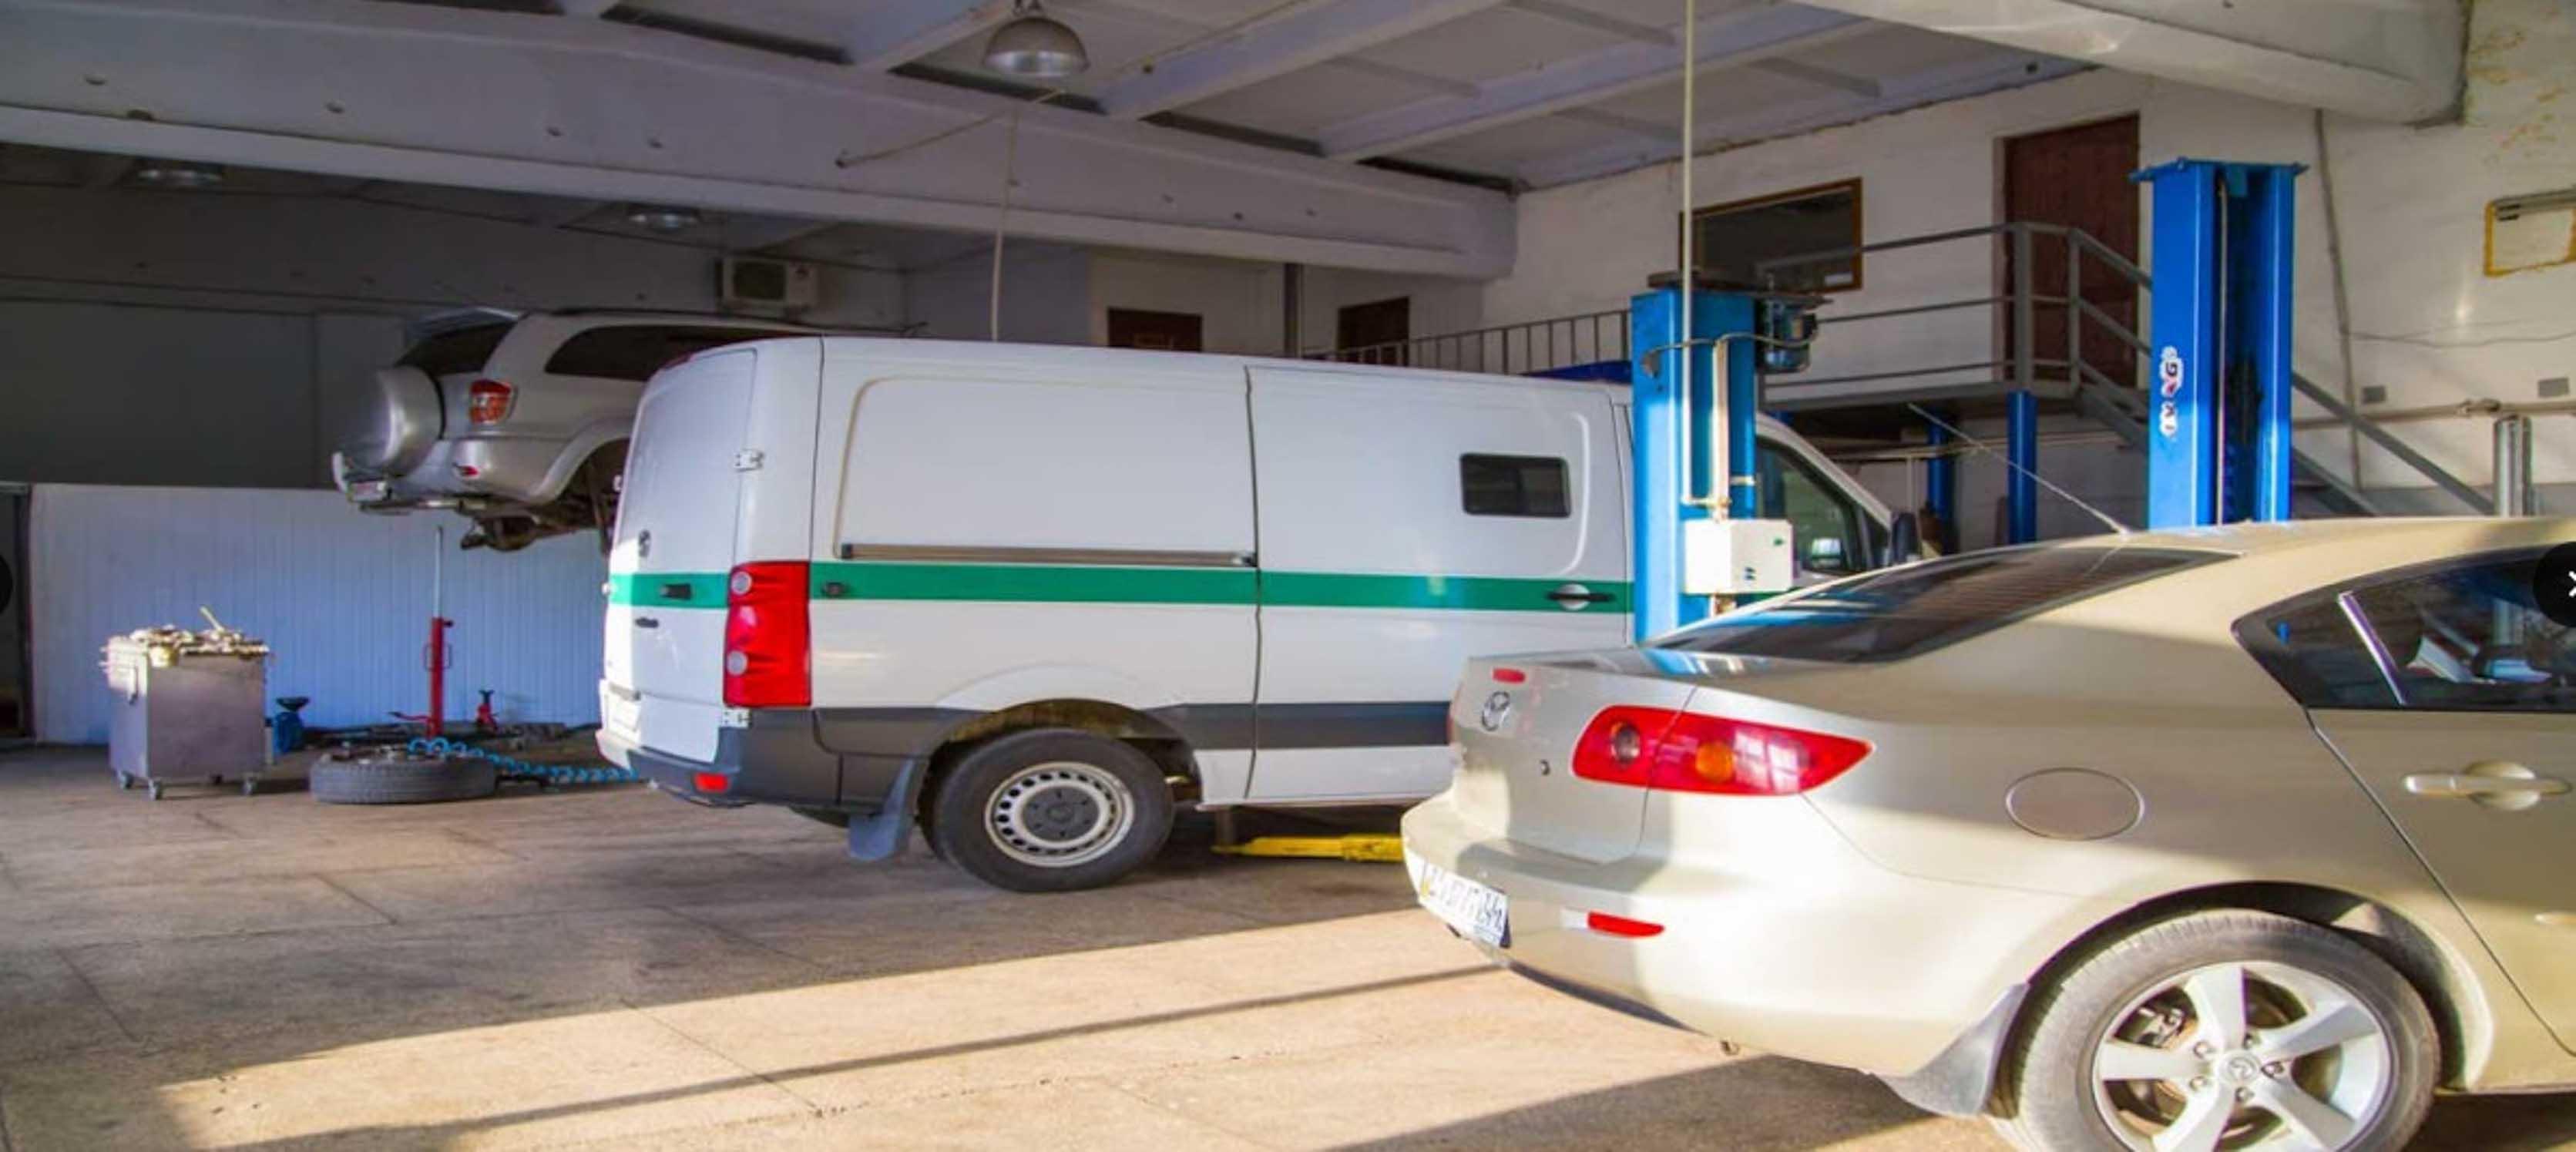 СТО «Автоцентр» - комплексное обслуживание и ремонт автомобилей фото 5